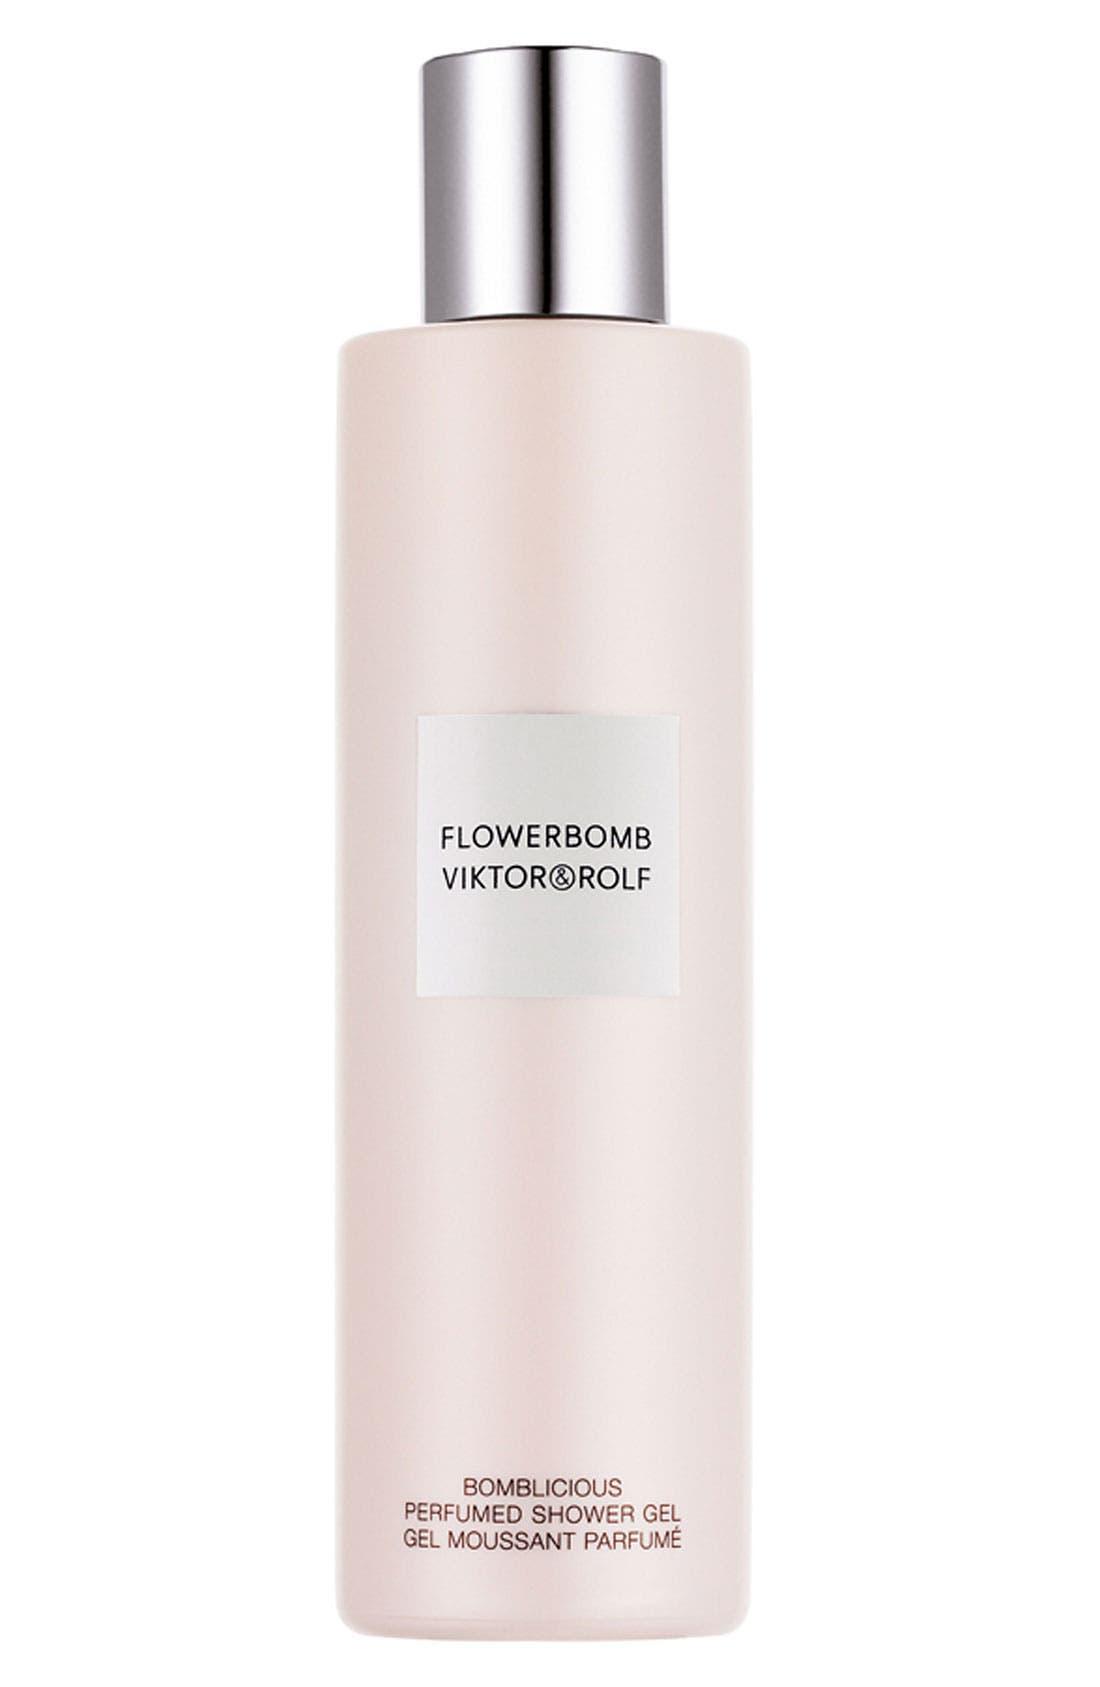 Viktor&Rolf 'Flowerbomb' Bomblicious Shower Gel